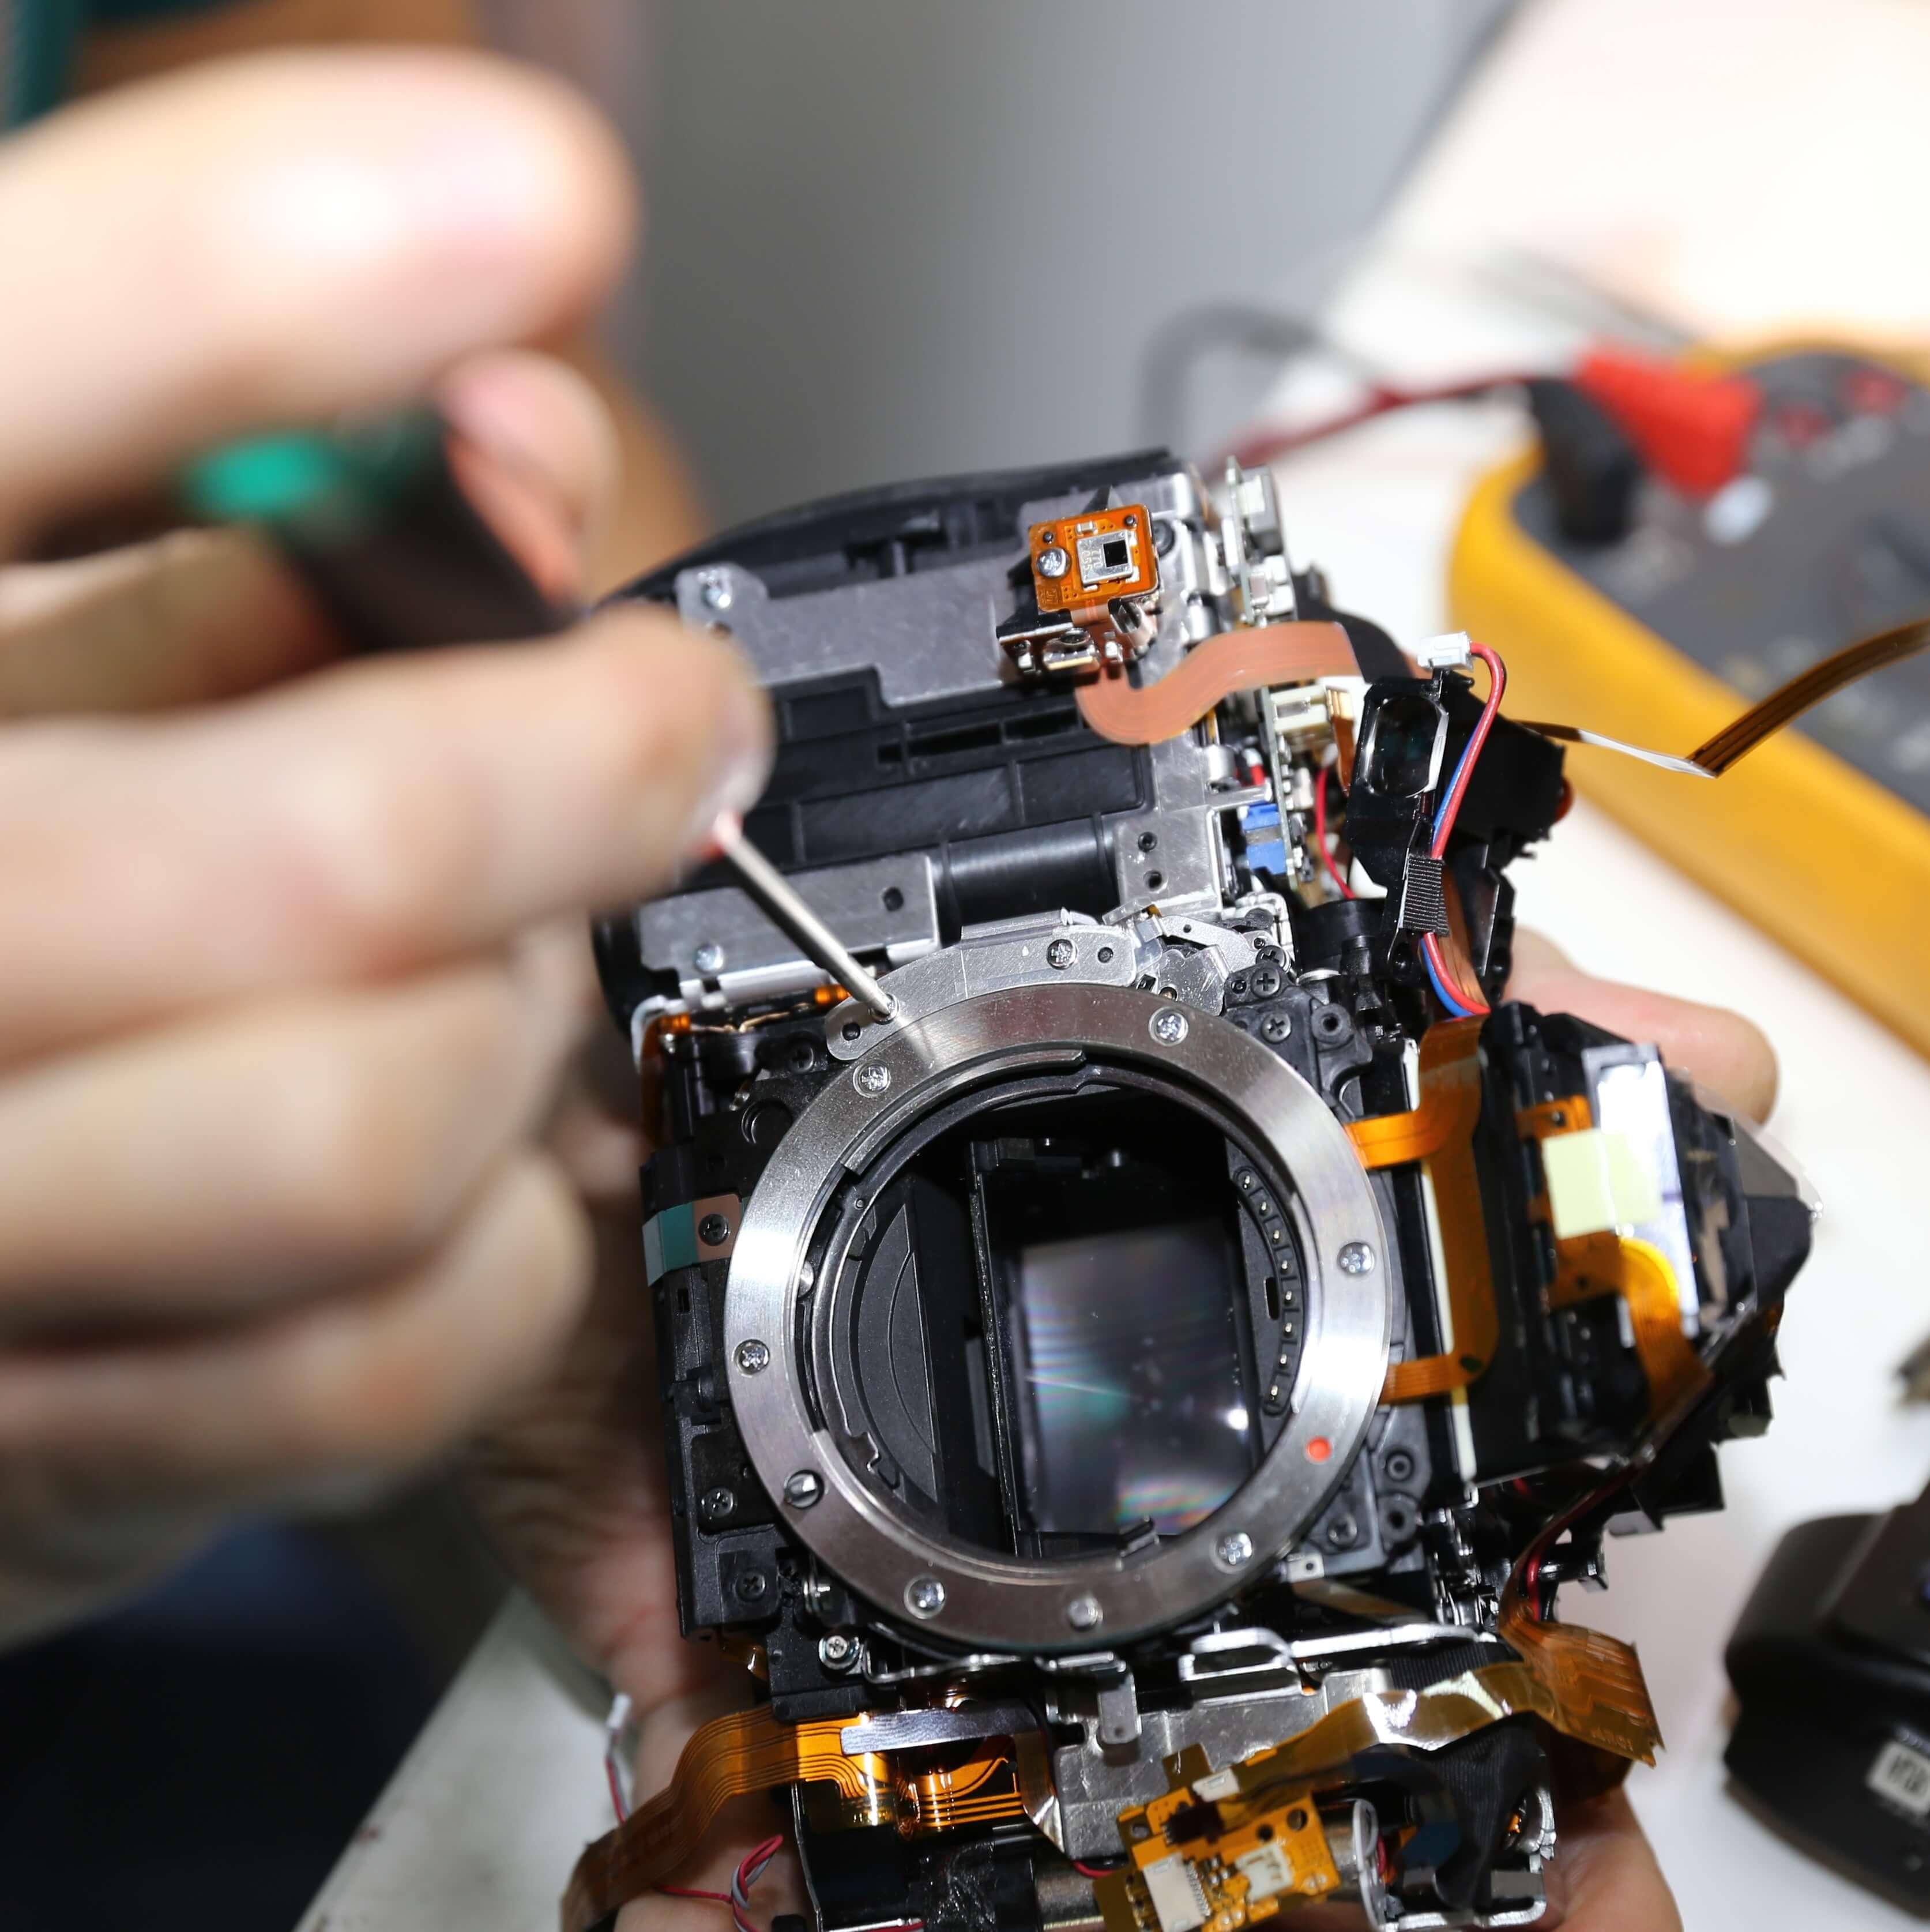 говоря, круглосуточный ремонт фотоаппаратов лесных